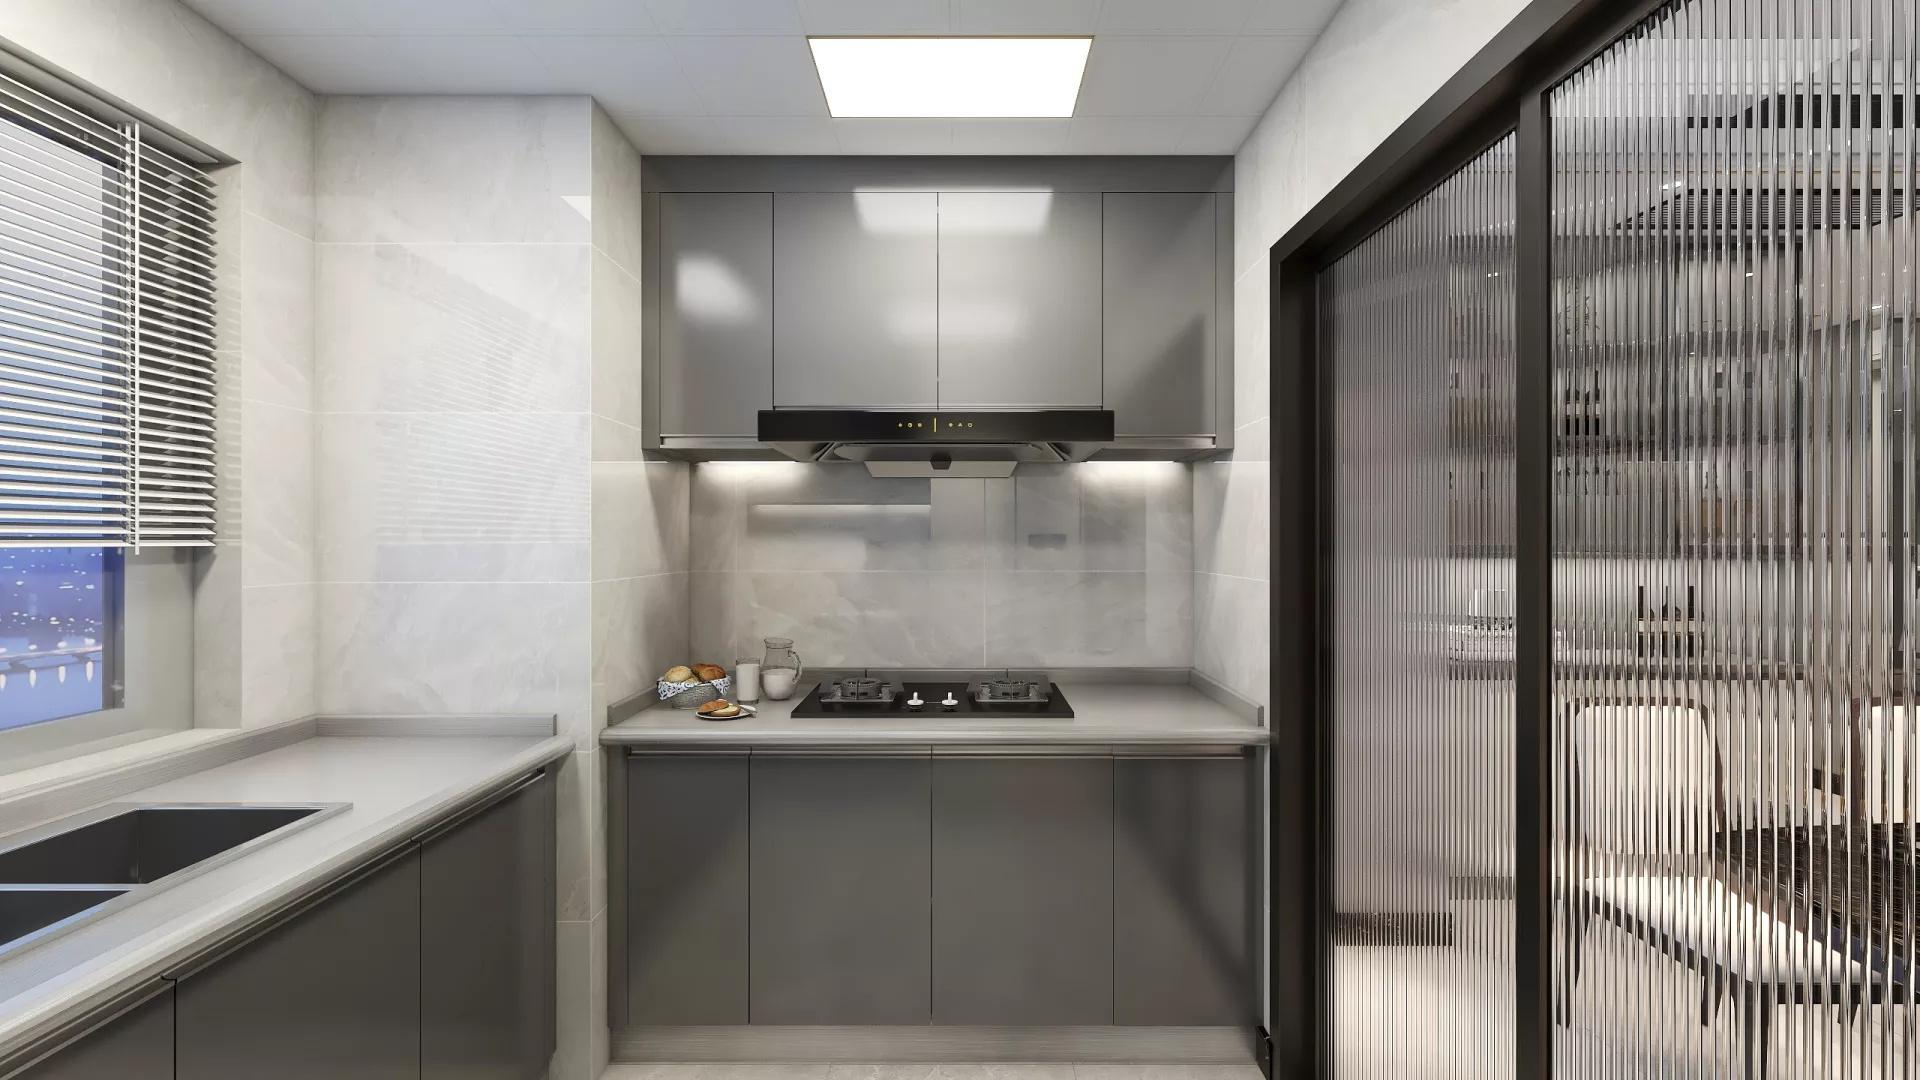 家庭客厅装修设计要注意什么 家庭客厅装修设计注意事项